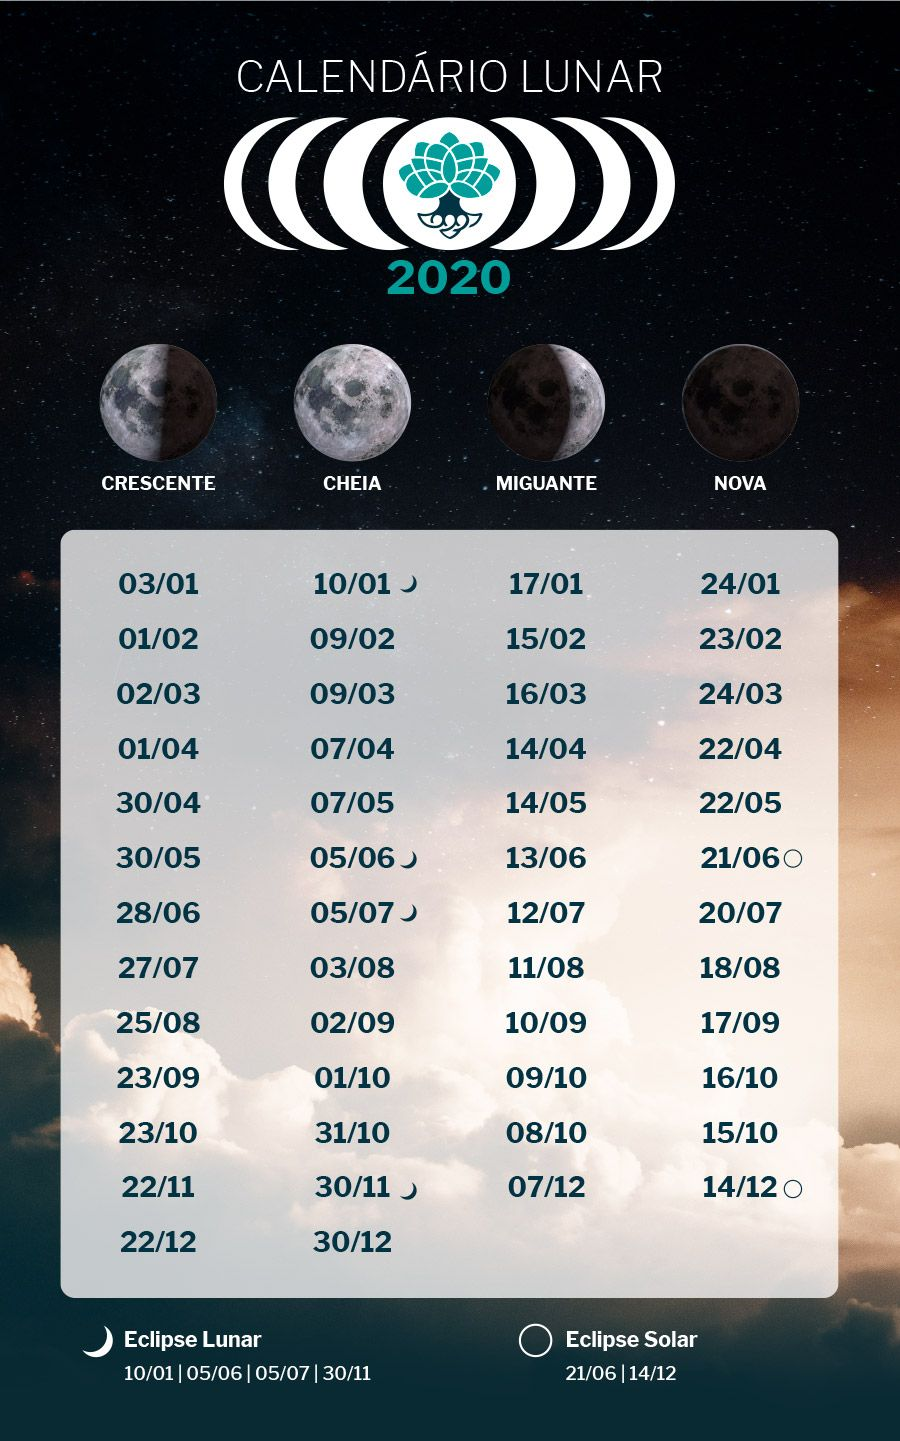 calendário lunar astrológico 2020